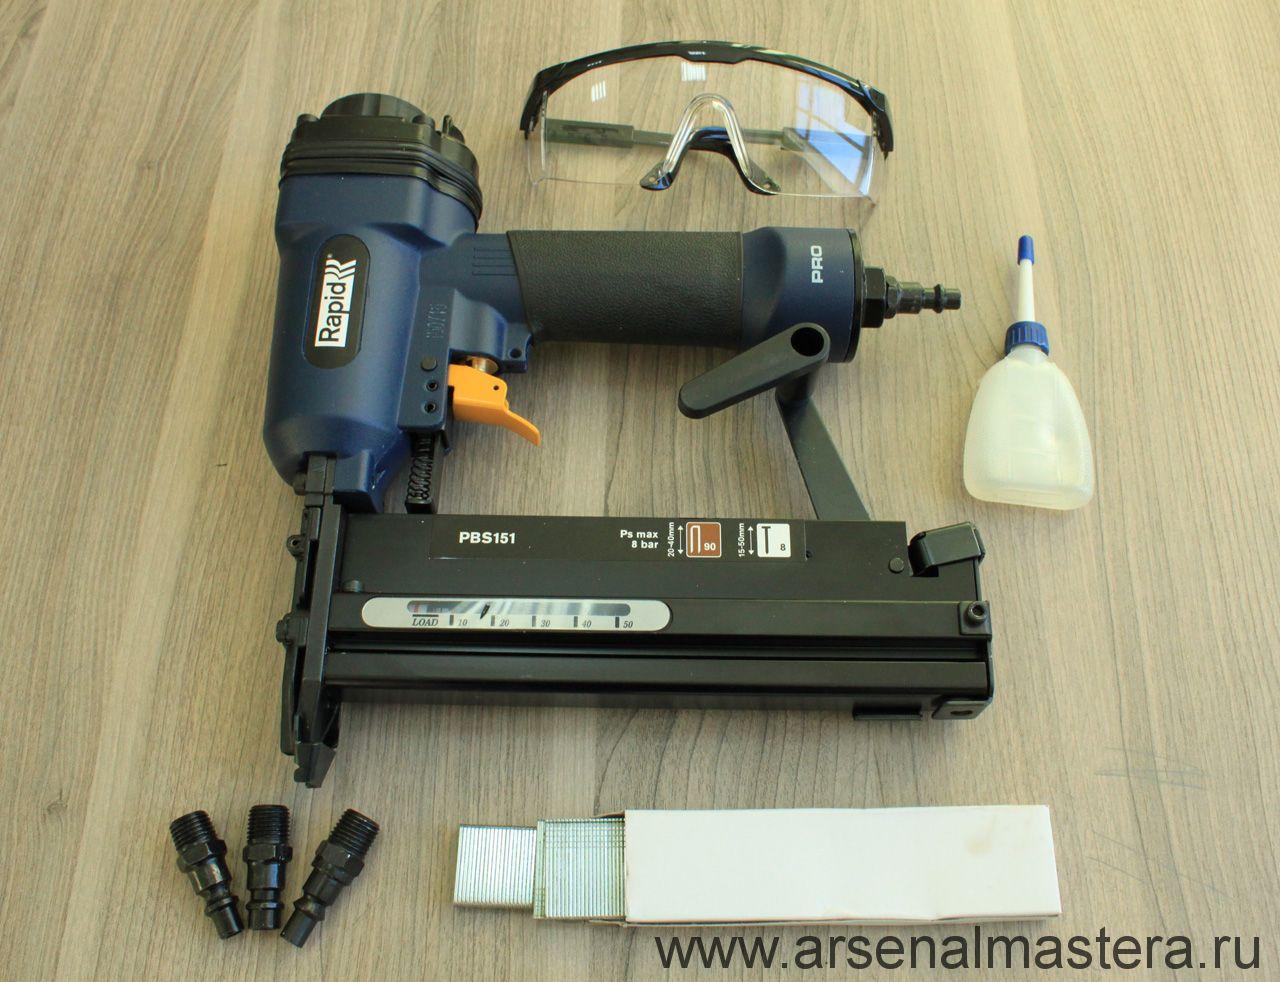 Пневматический текер Rapid Airtac PBS 151 П90 T300 20-40 мм